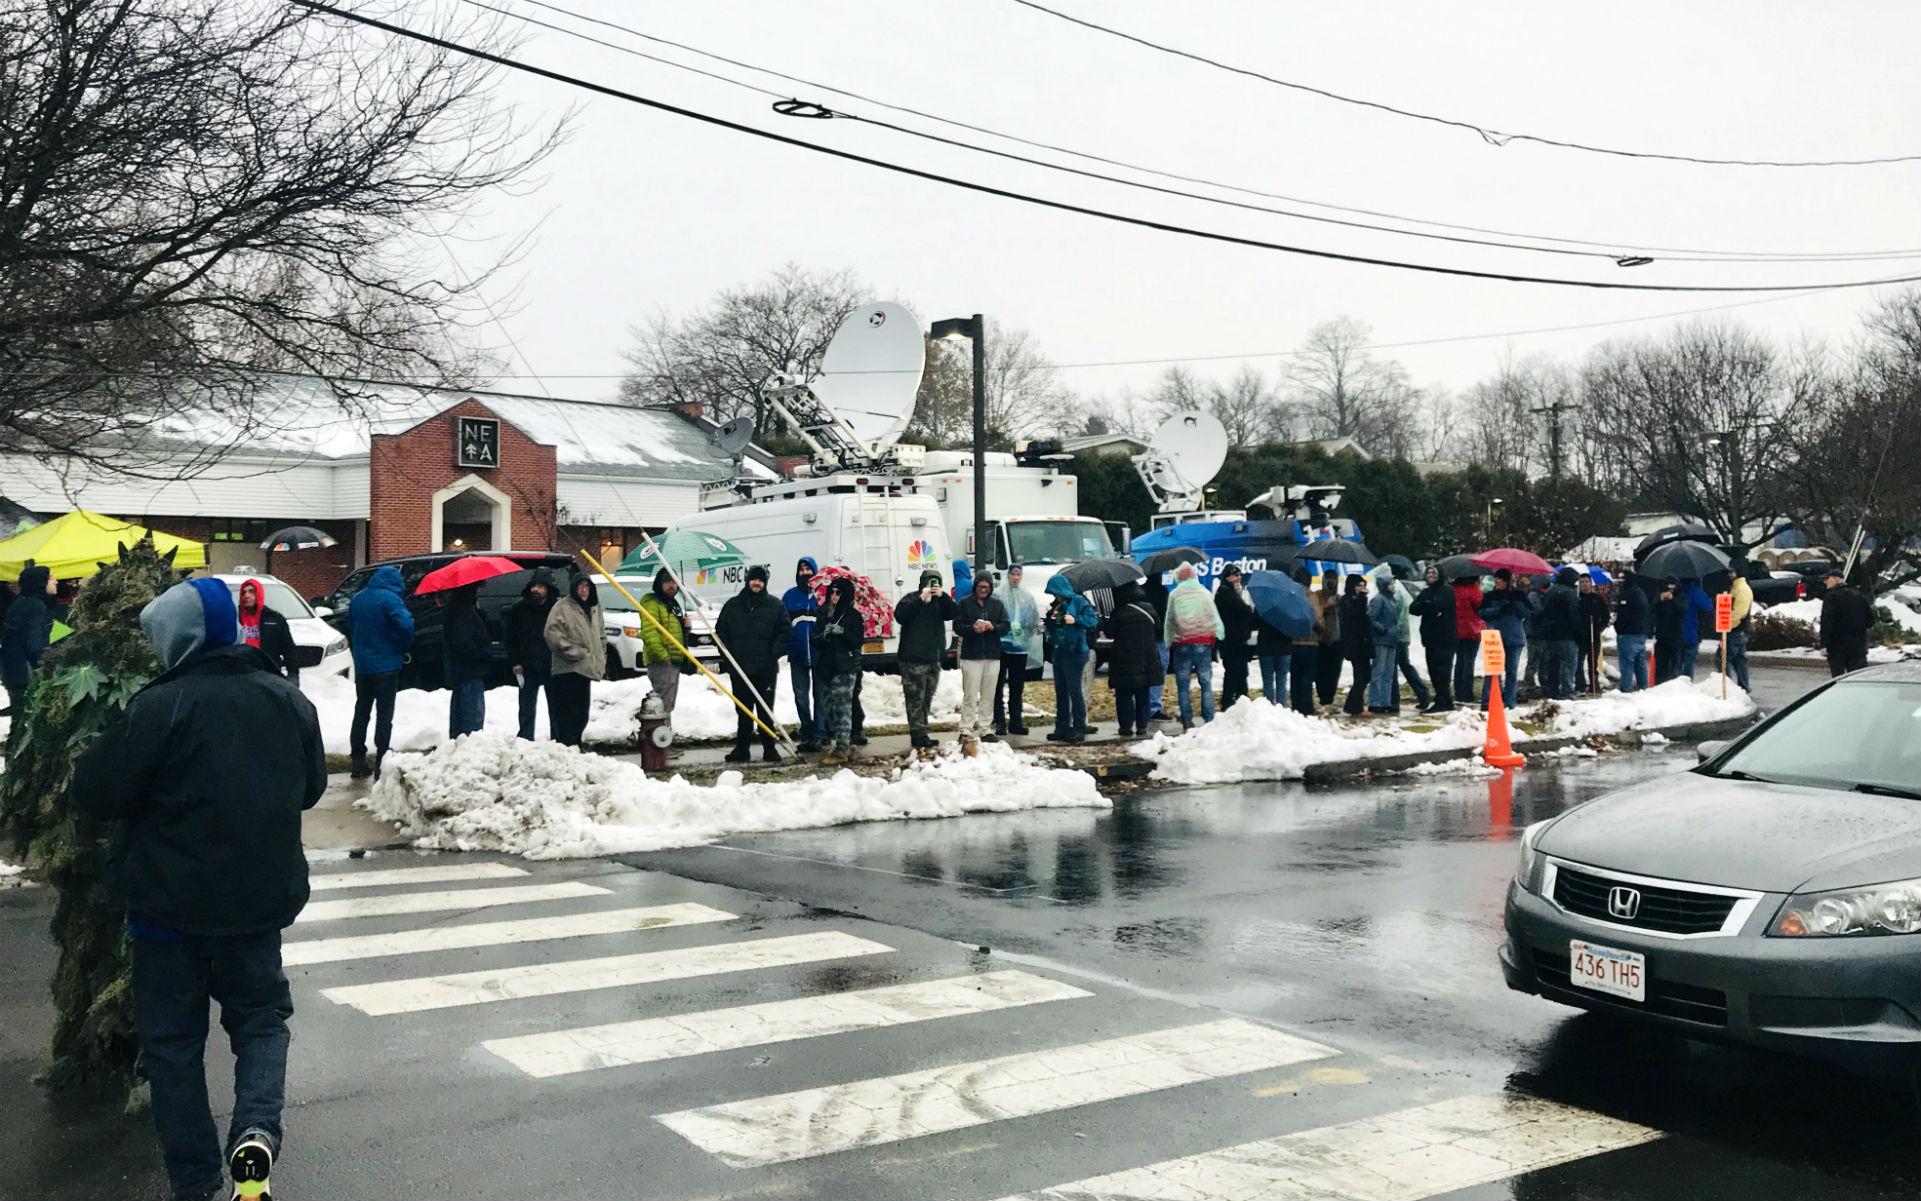 customers wait in line outside NETA in Northampton